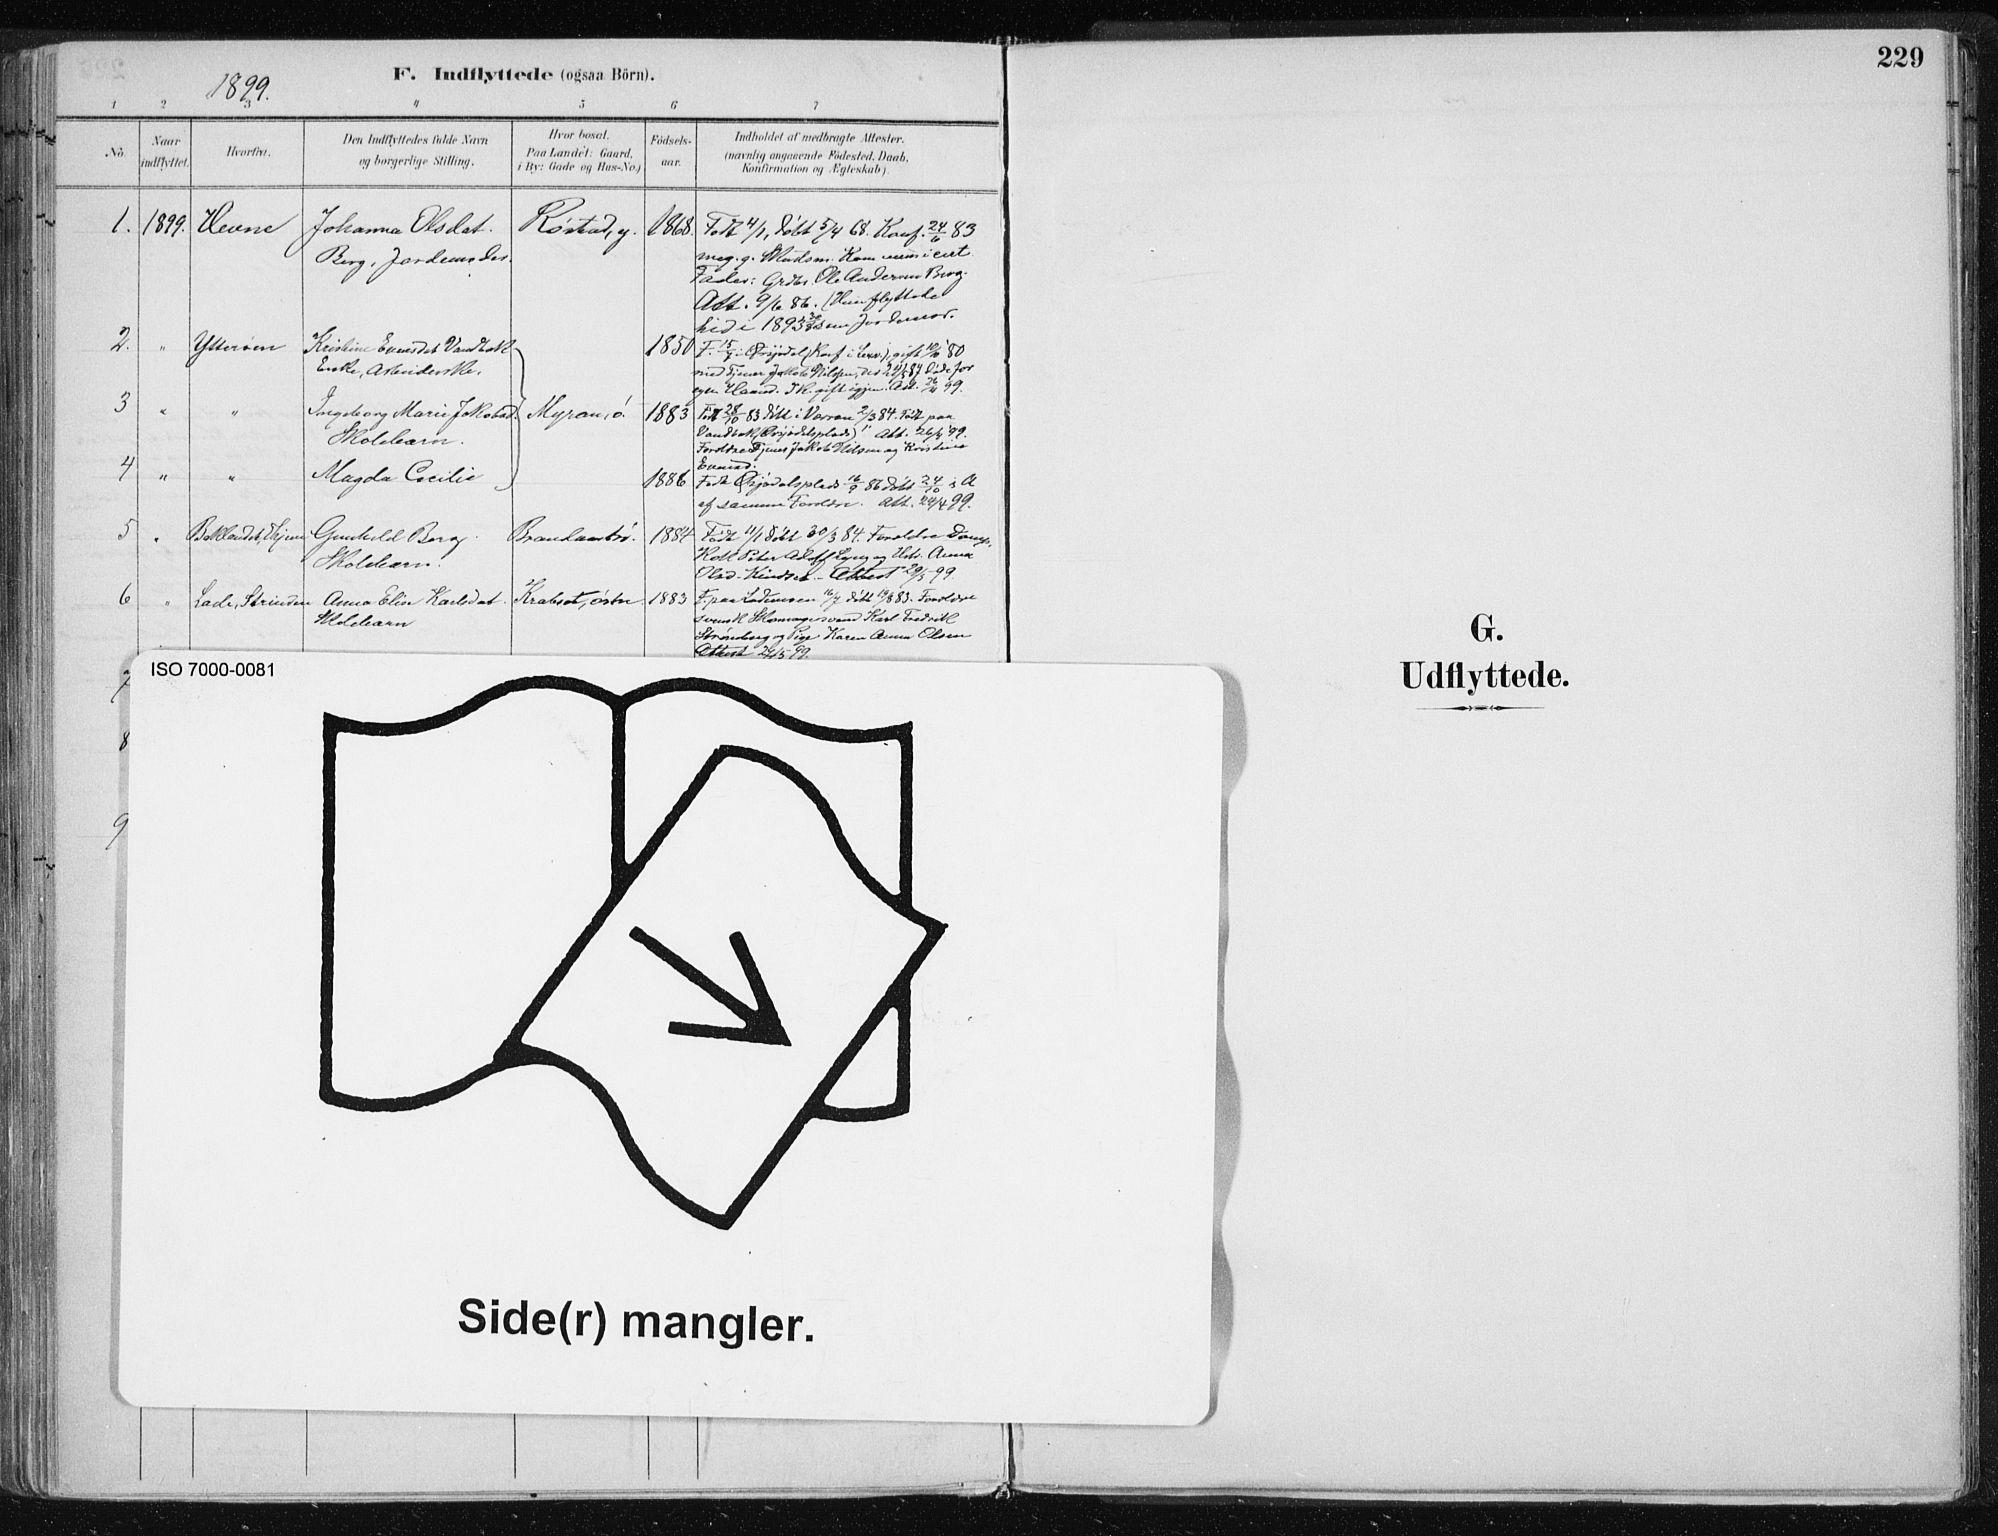 SAT, Ministerialprotokoller, klokkerbøker og fødselsregistre - Nord-Trøndelag, 701/L0010: Ministerialbok nr. 701A10, 1883-1899, s. 229